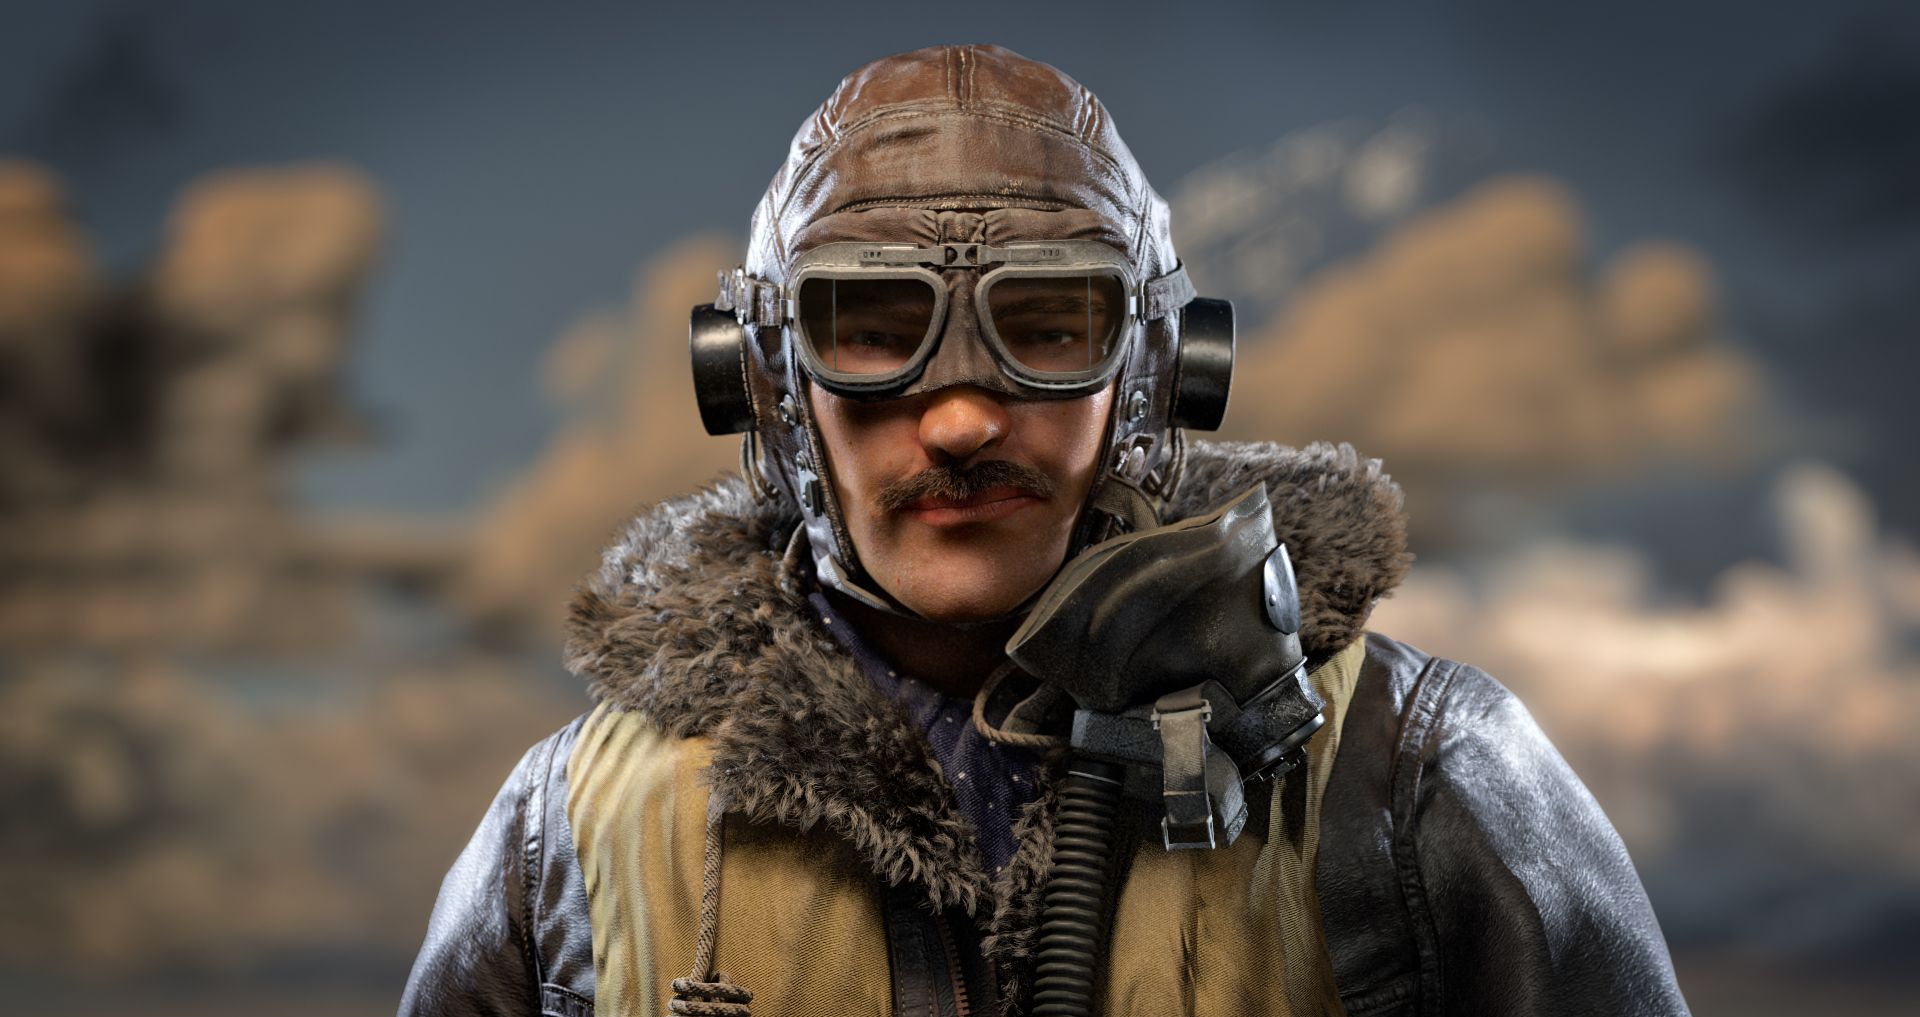 Maya制作第二次世界大战飞行员教程